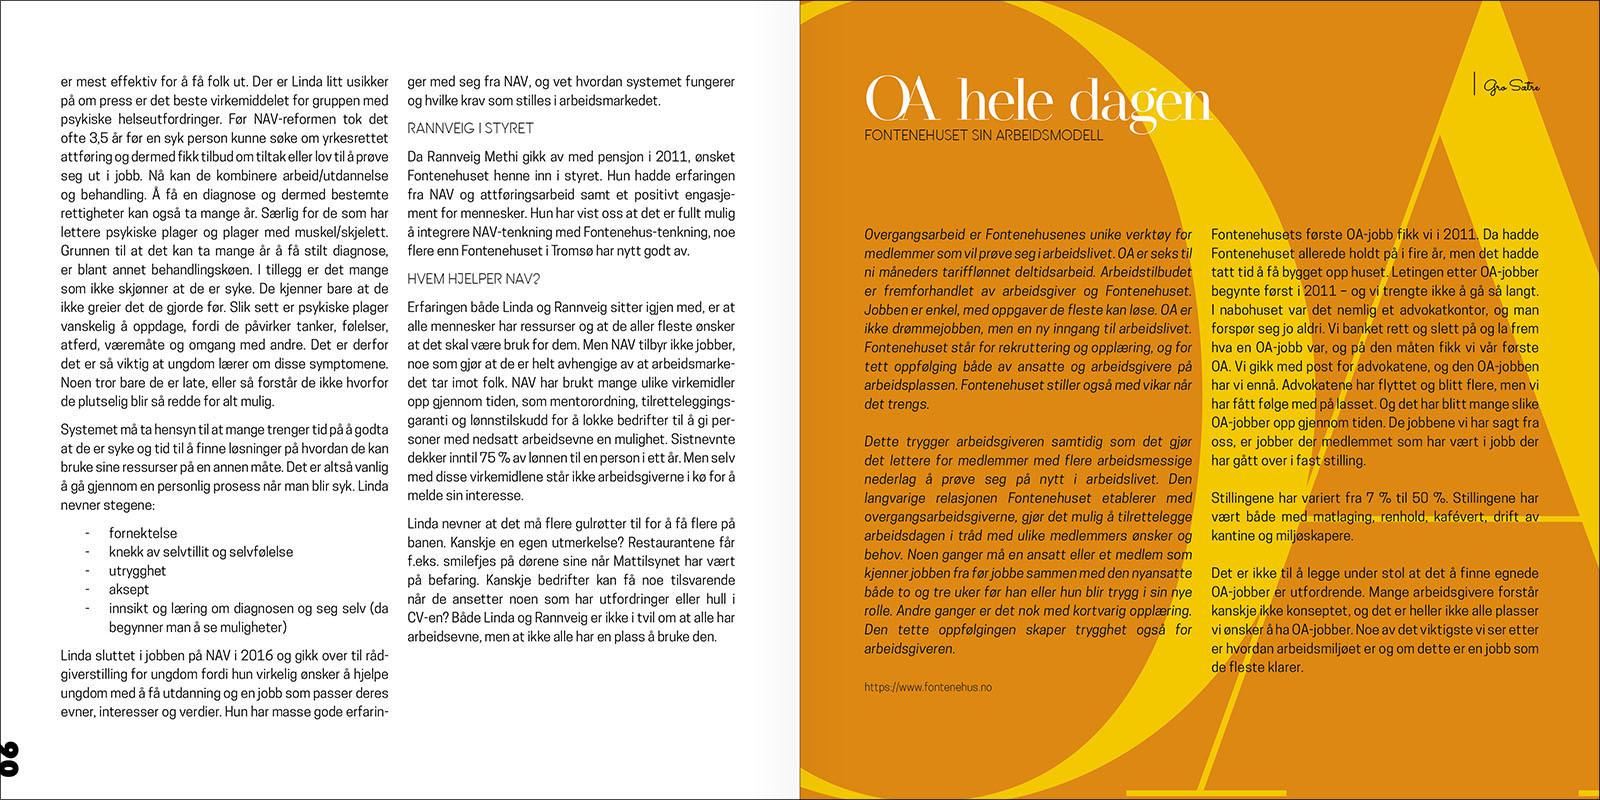 bokdesign-psyke-samfunnstemmer (24).jpg